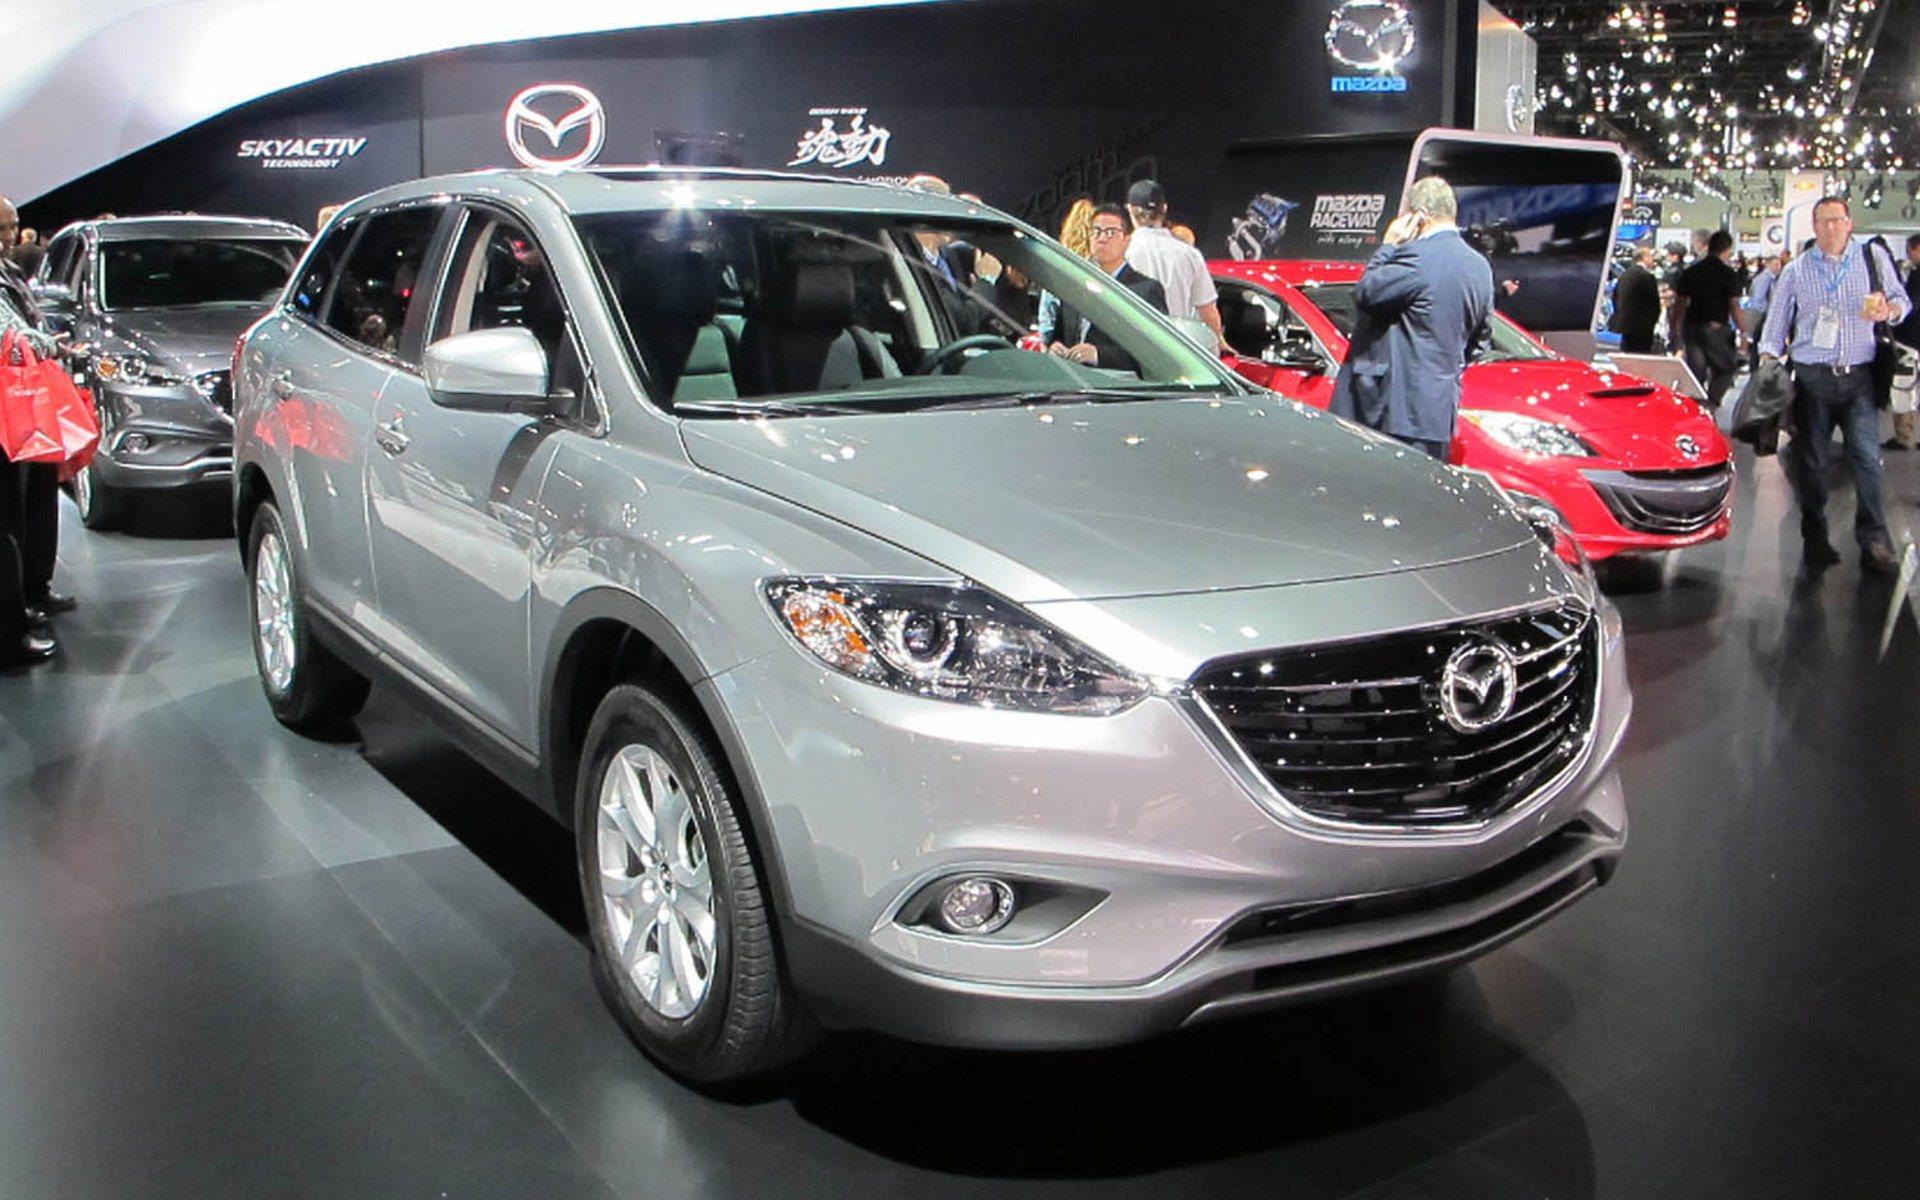 http://3.bp.blogspot.com/-QJ7ifWiAqyU/UU66kzEdjqI/AAAAAAAASvQ/qRpPa6UBbHg/s1920/2013-Mazda-CX-9-wallpaper-9.jpg